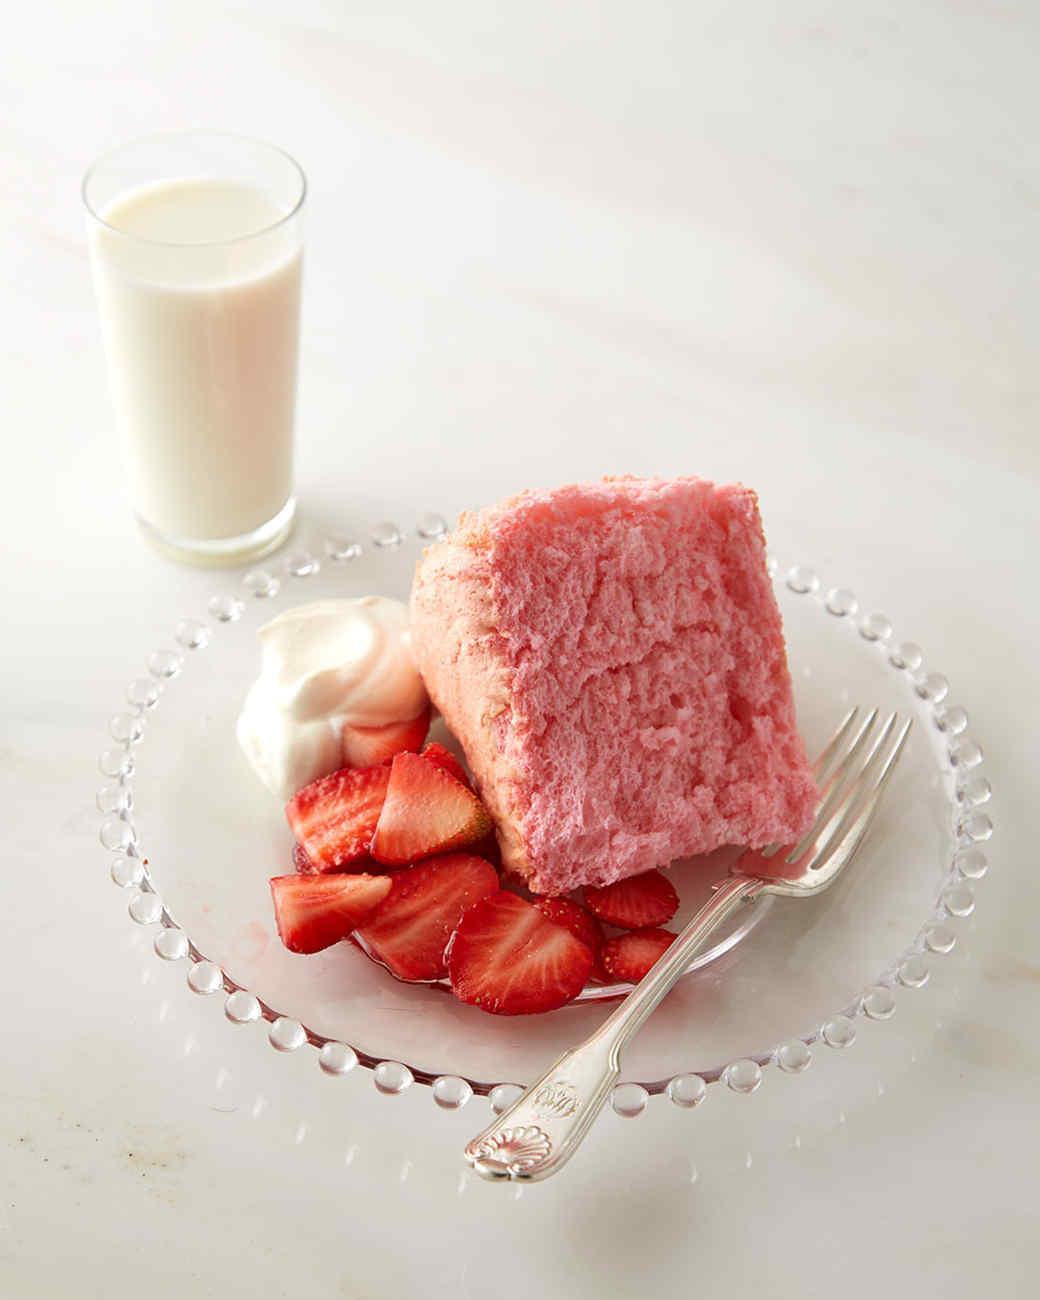 pretty-in-pink-angel-food-cake-433-d112925.jpg